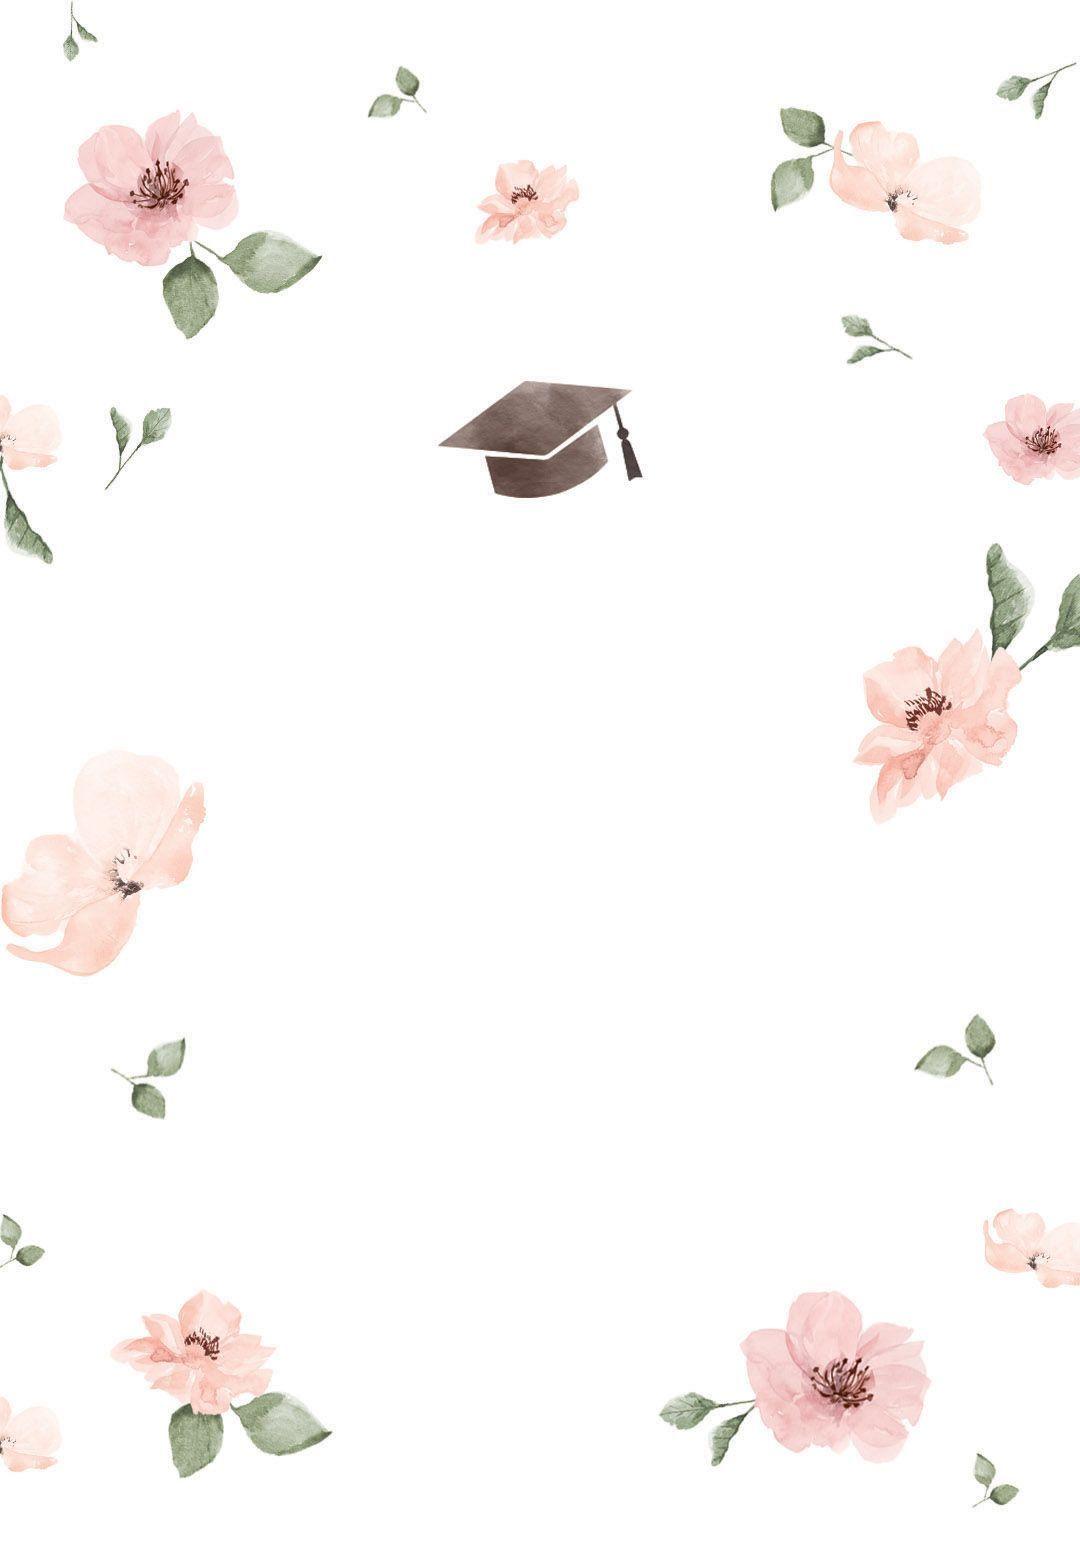 Graduation Art Abschluss Abschlussfeier Cherry Blossom Graduation Party Invitations Graduation Invitations Template Graduation Party Invitations Templates